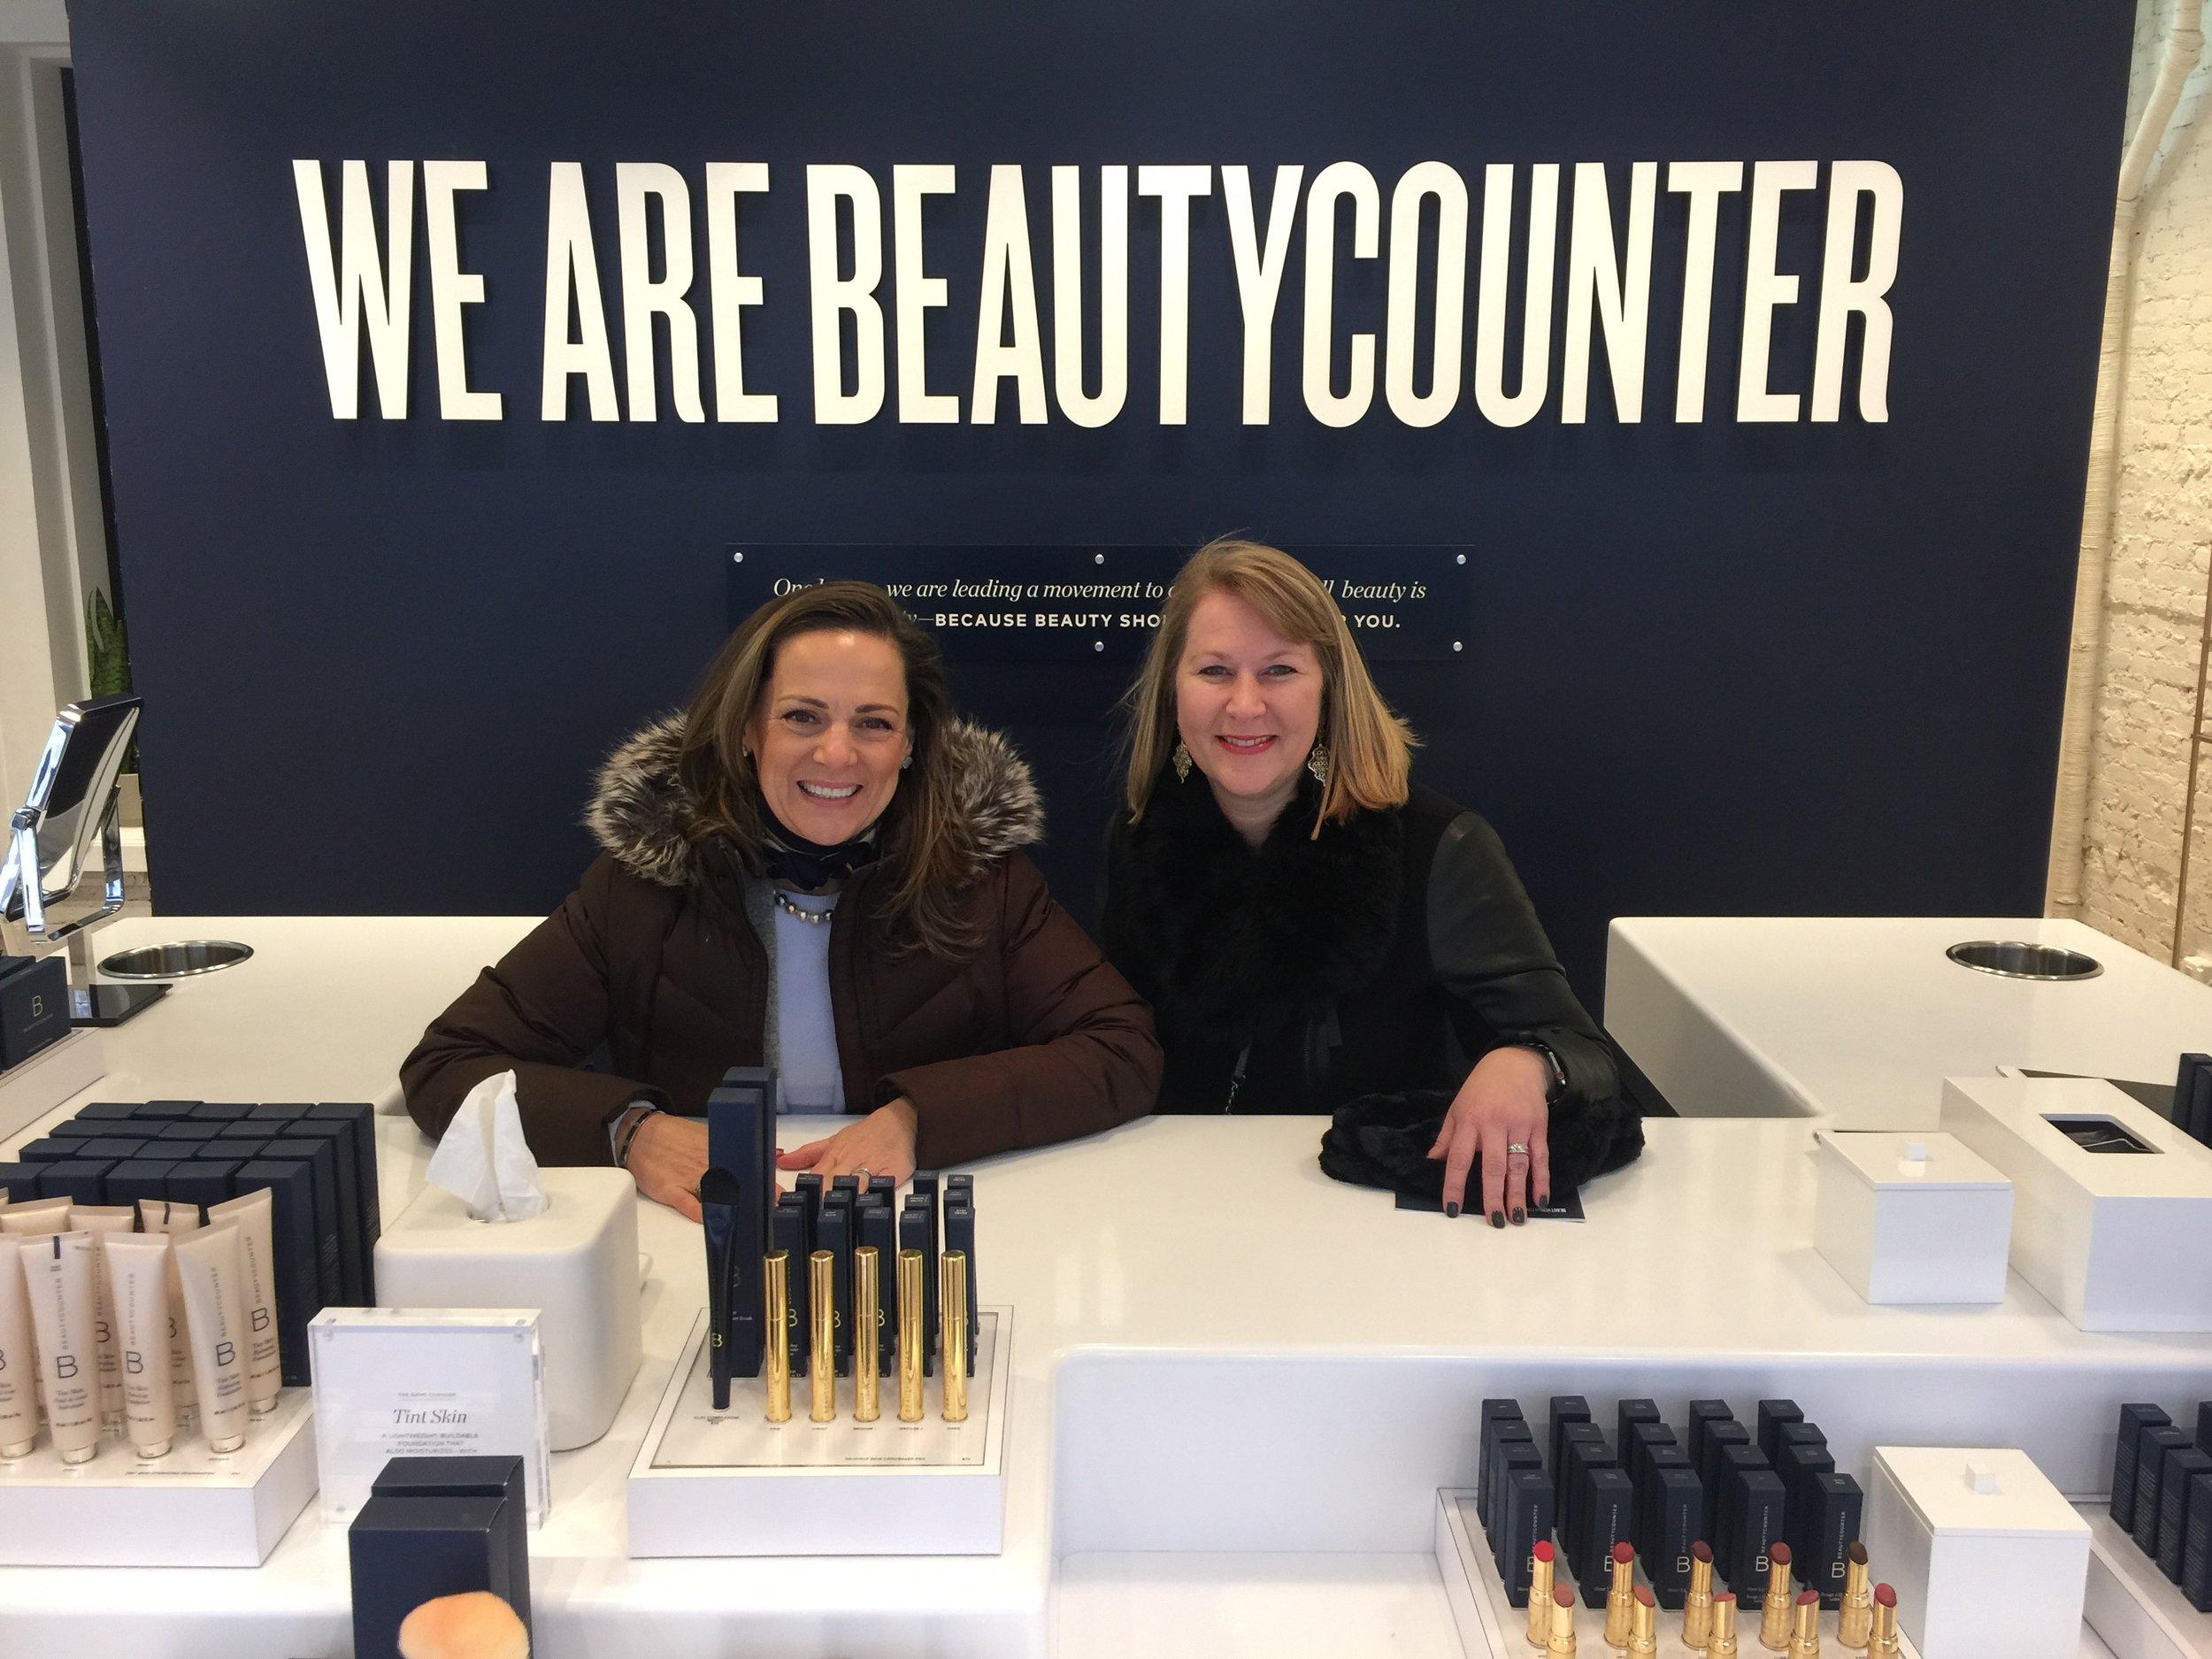 beauty counter.jpg